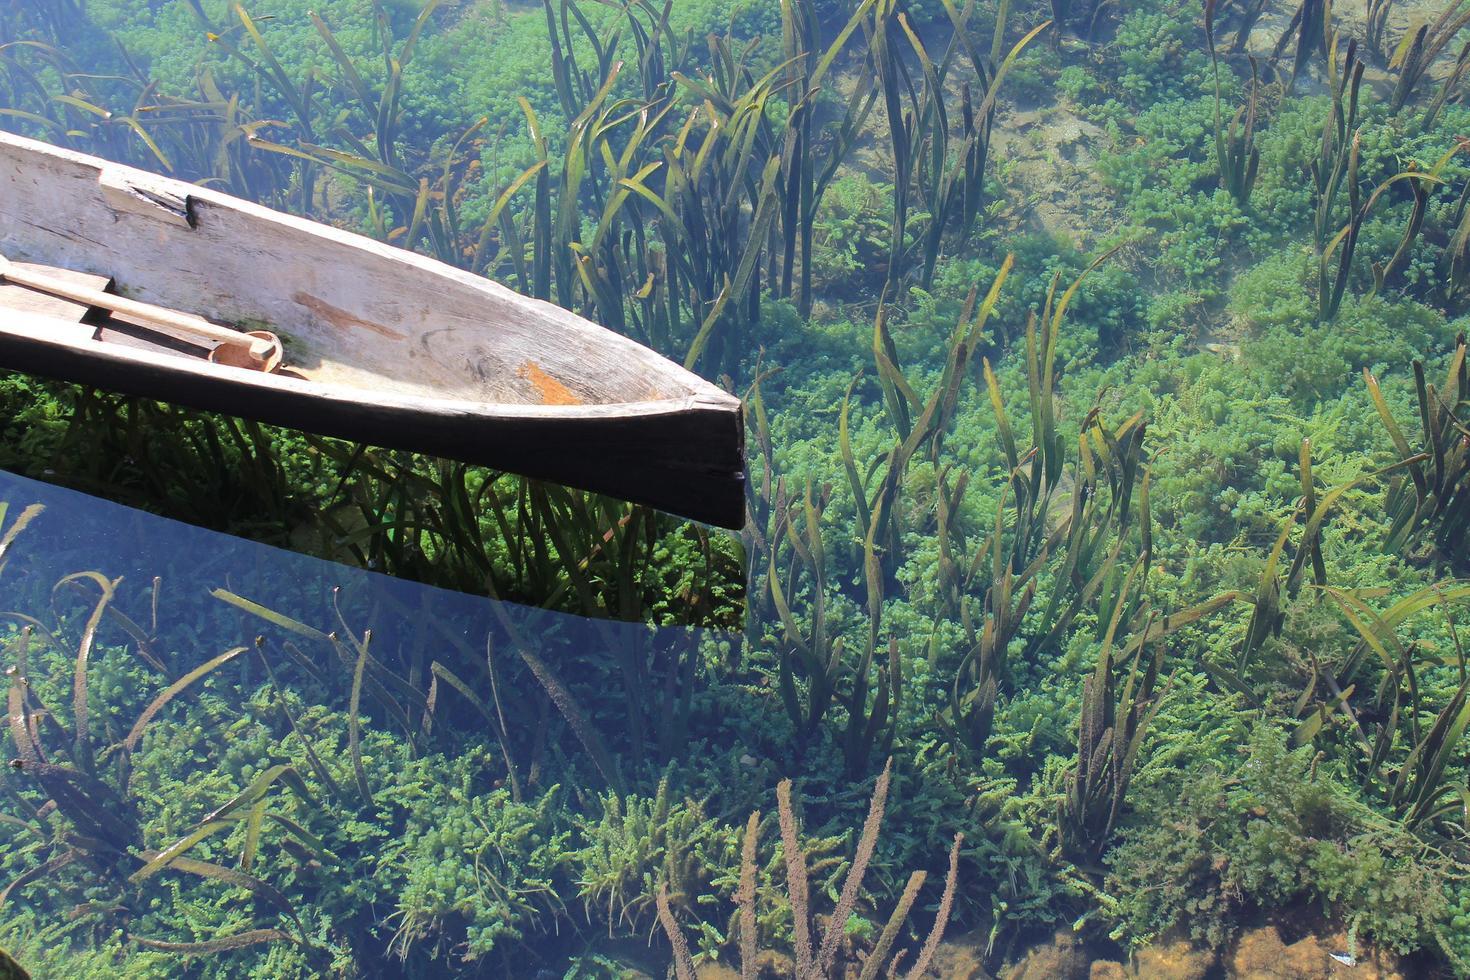 canoë en bois sur plan d'eau photo